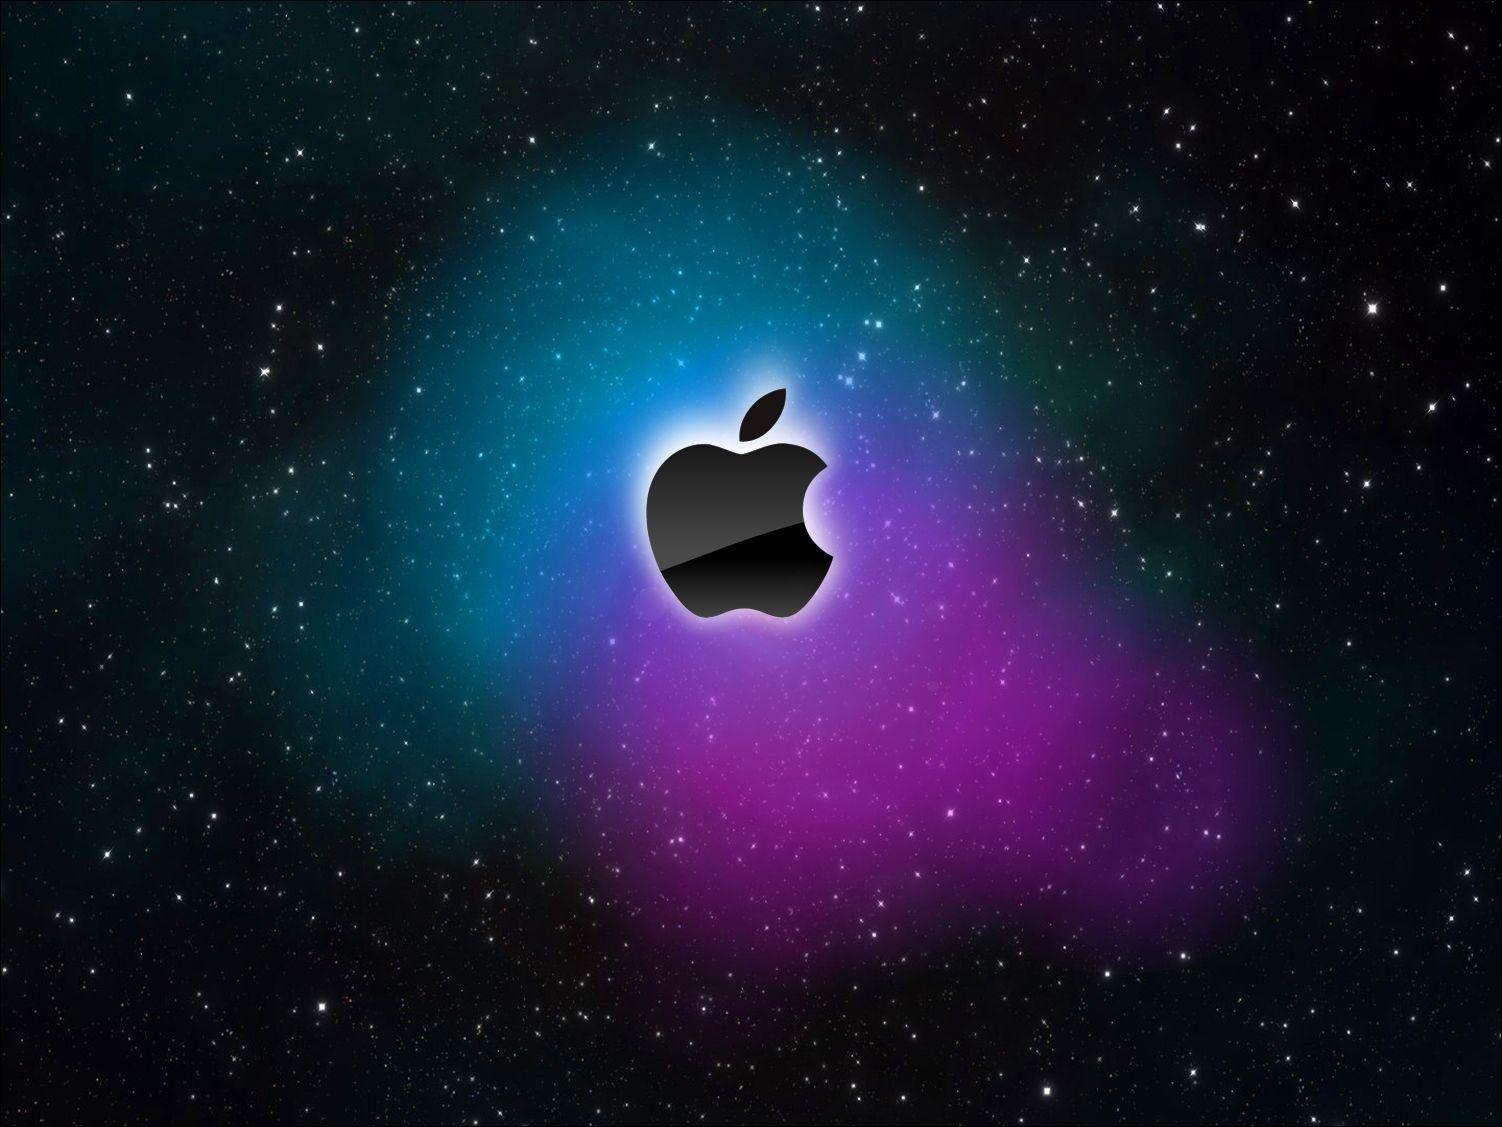 Apple Logo Wallpapers Hd